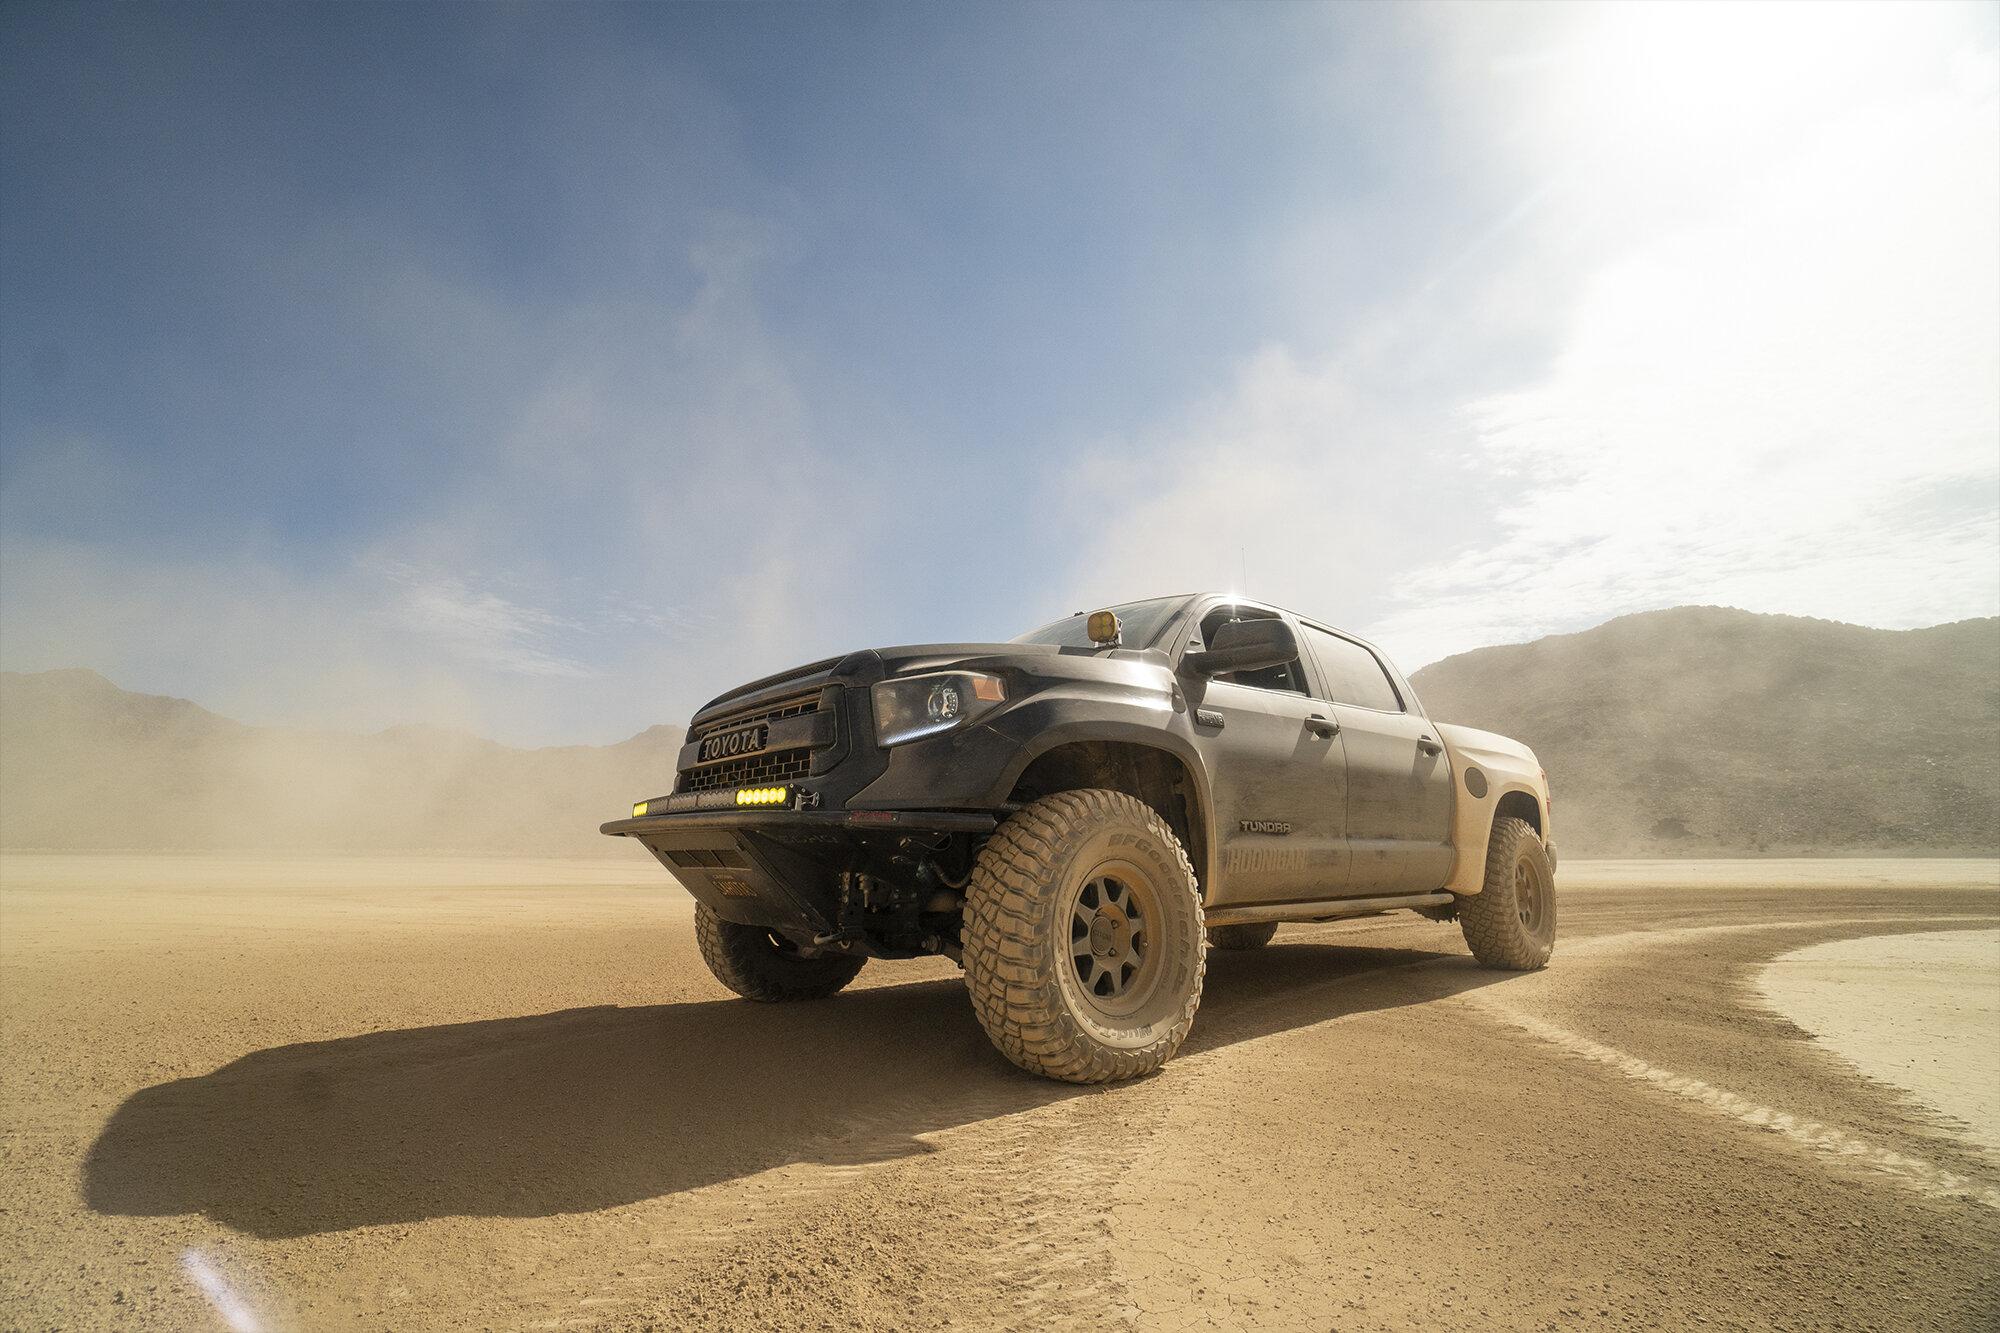 truckwide-overland-johnson-creek-hobo-toyota-tundra-gohobo-3.jpg